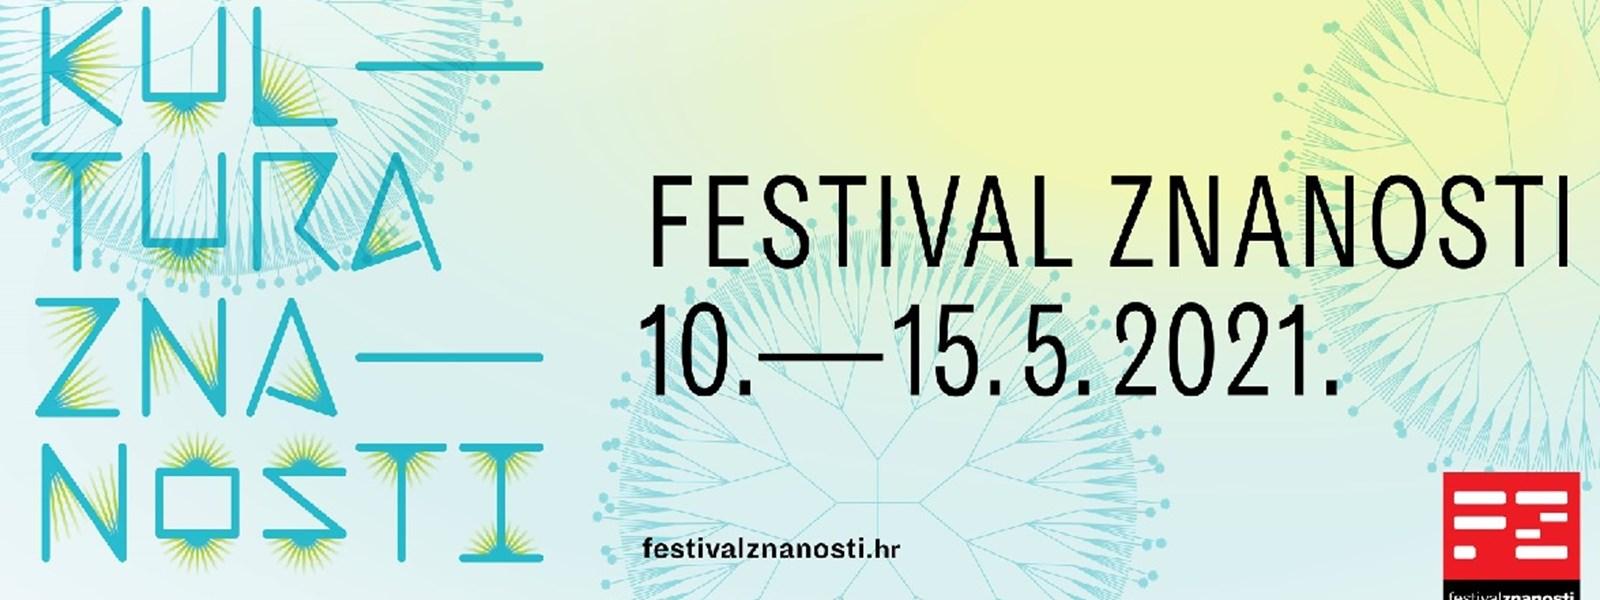 Festival znanosti od 10. do 15. svibnja